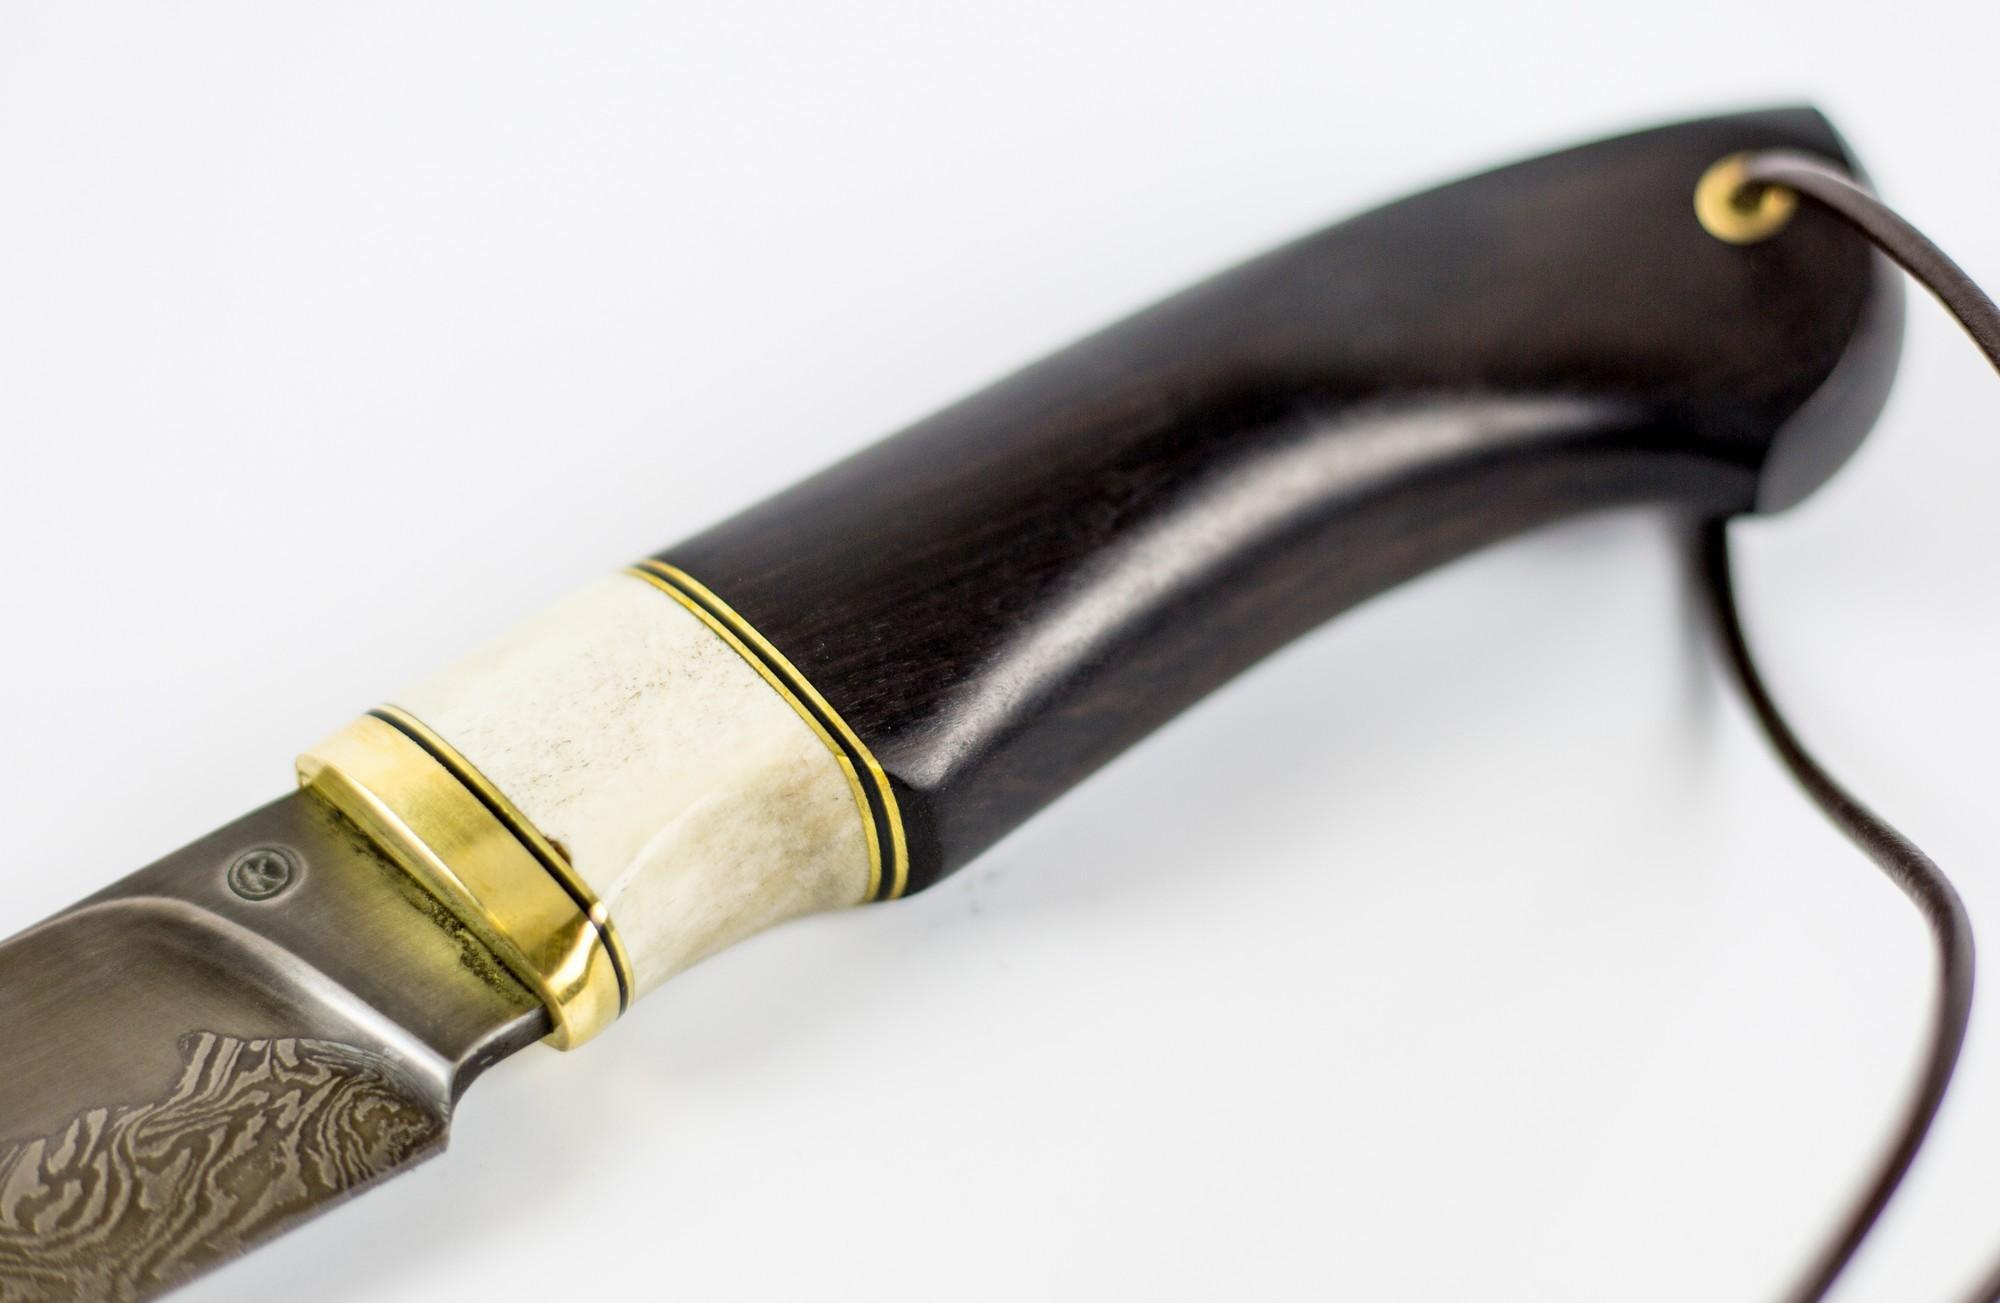 Фото 2 - Нож Зной, сталь углеродистый композит от Ножи Крутова